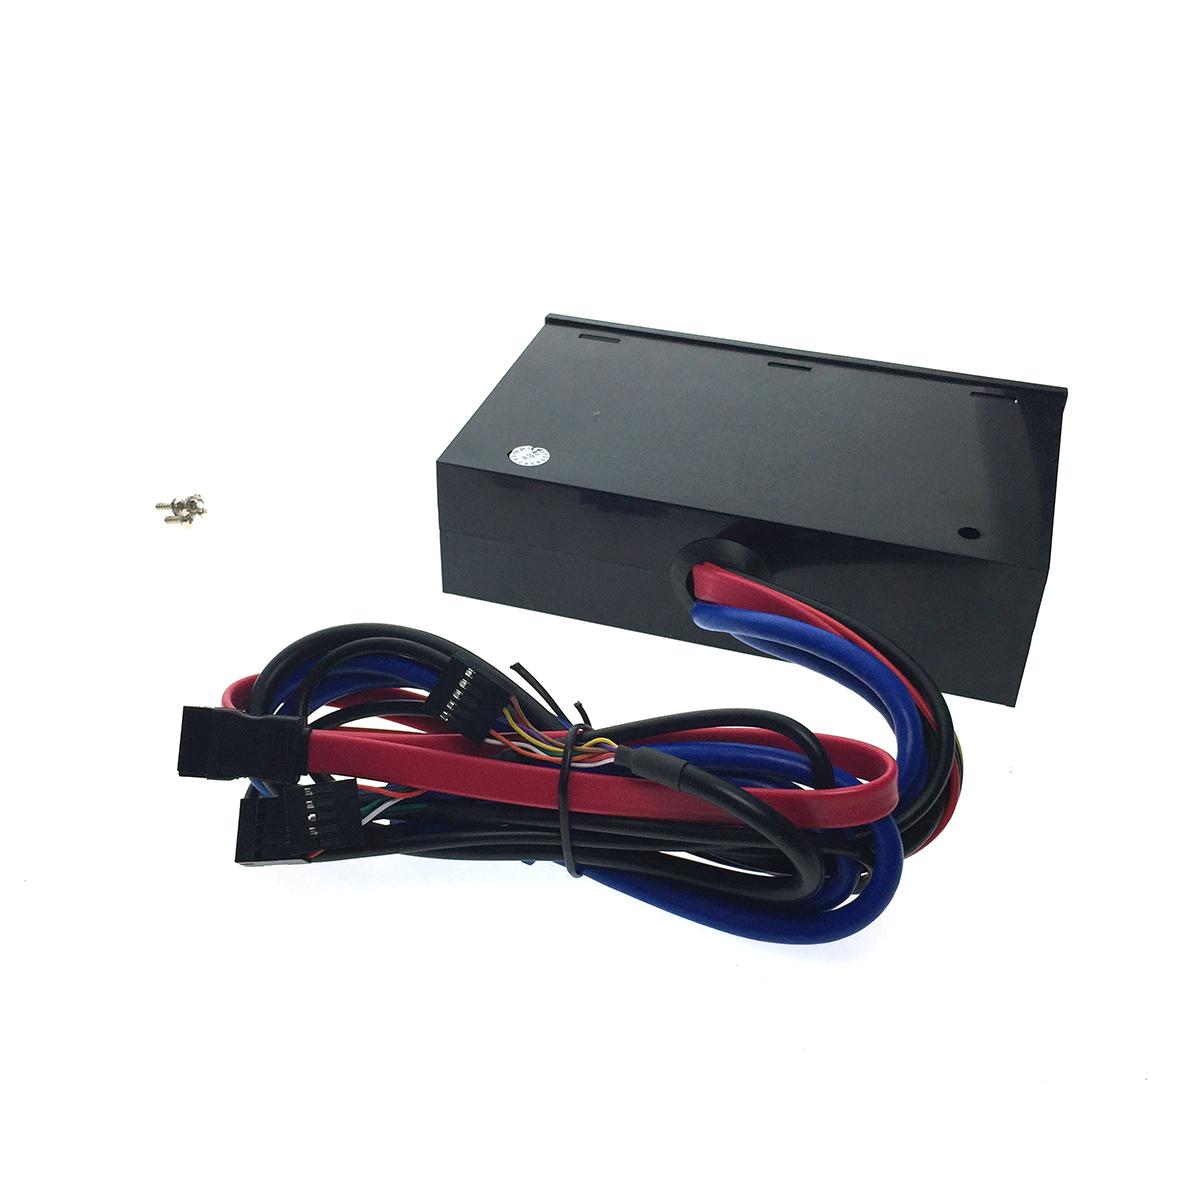 """Многофункциональная панель в 5,25"""", 2USB3.0, 4USB2.0, Molex 4 pin DC 12V,5V, e-SATA, 2 Jack 3,5 Card Reader, Espada EHUBUSB3&4P2"""